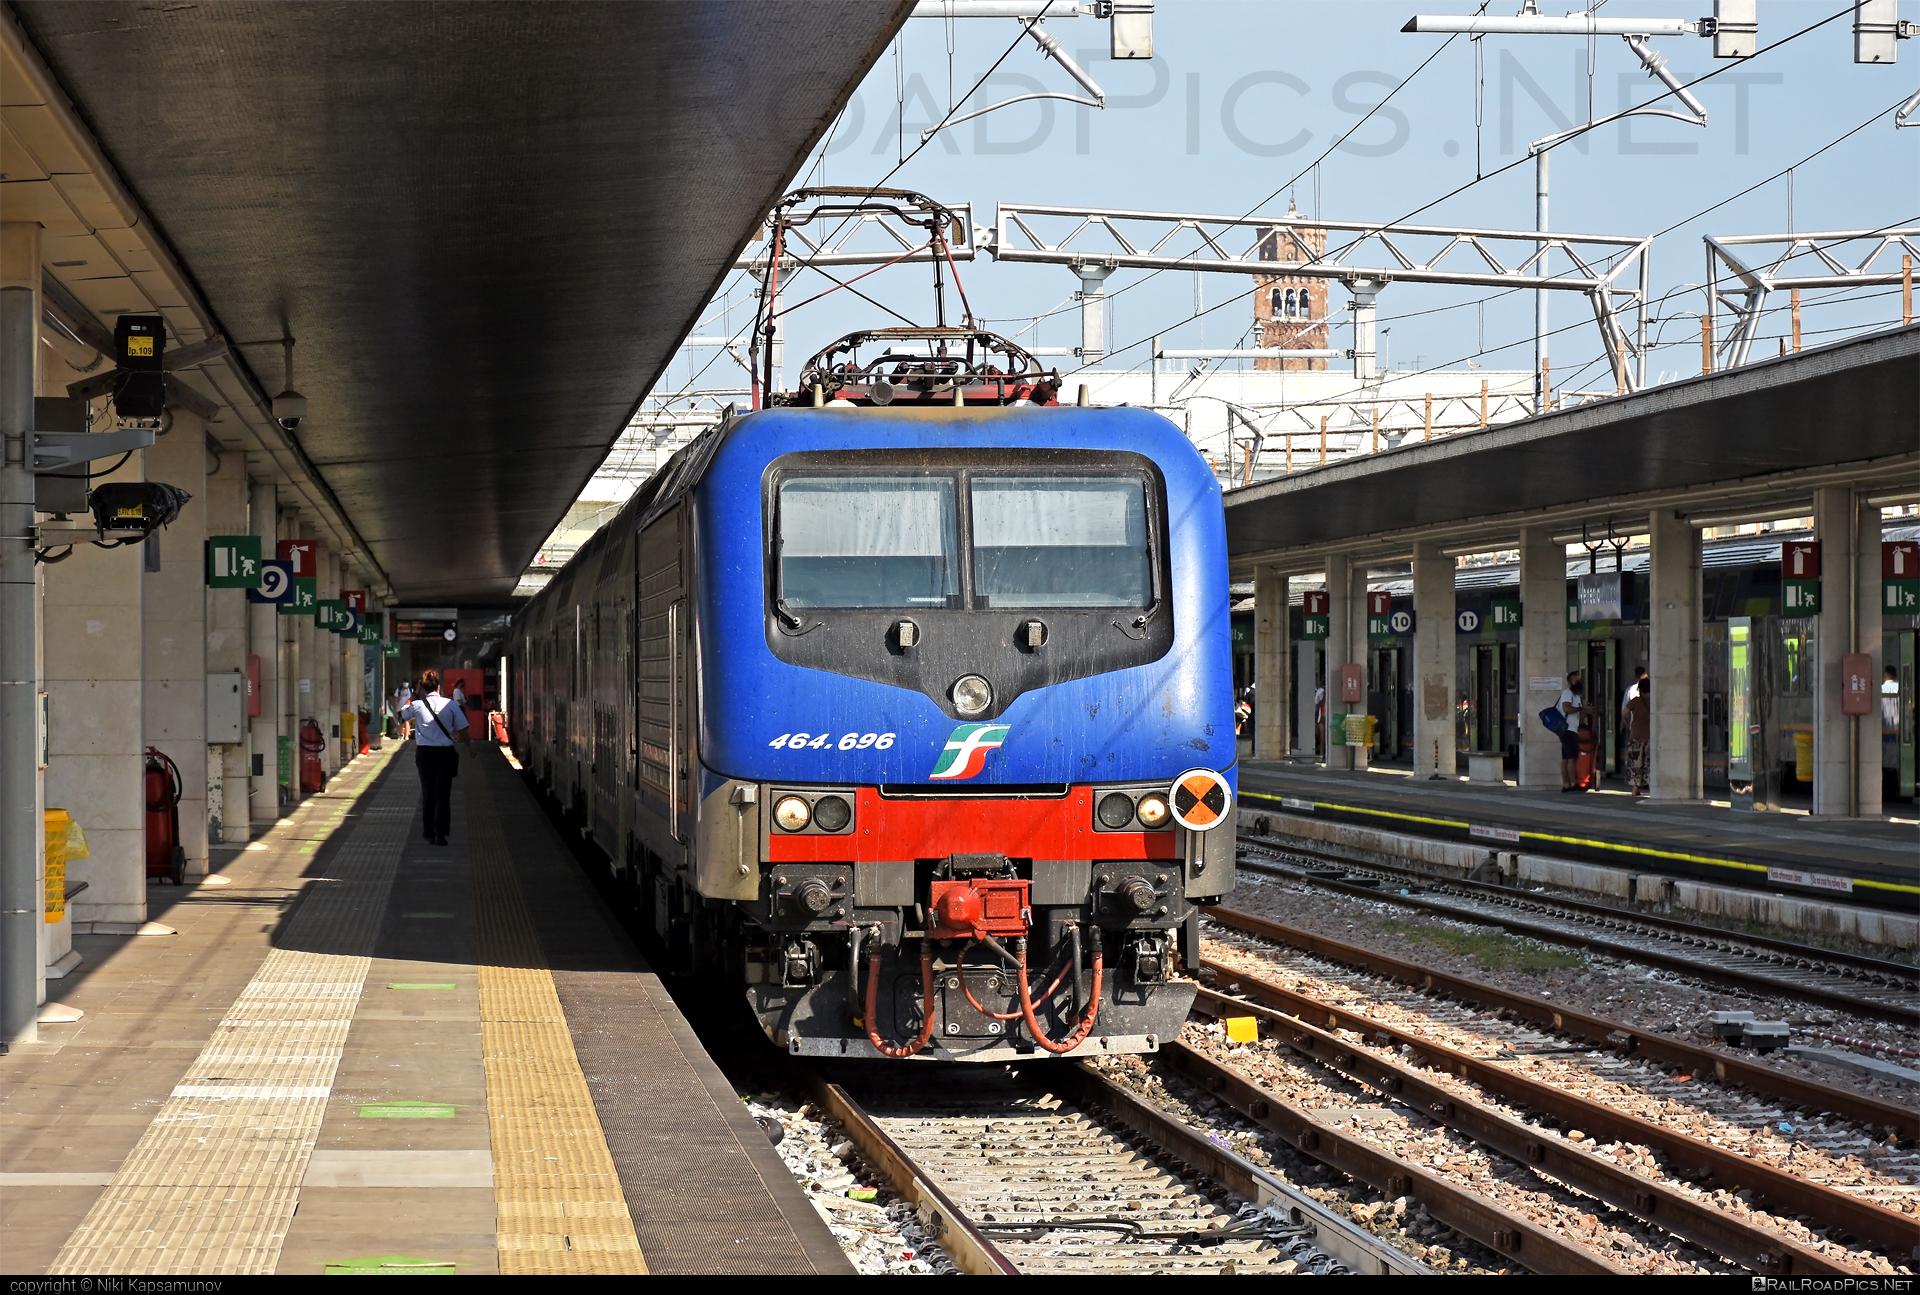 Bombardier TRAXX P160 DCP - E 464.696 operated by Trenitalia S.p.A. #bombardier #bombardiertraxx #ferroviedellostato #fs #fsitaliane #lavatrice #traxx #traxxp160 #traxxp160dcp #trenitalia #trenitaliaspa